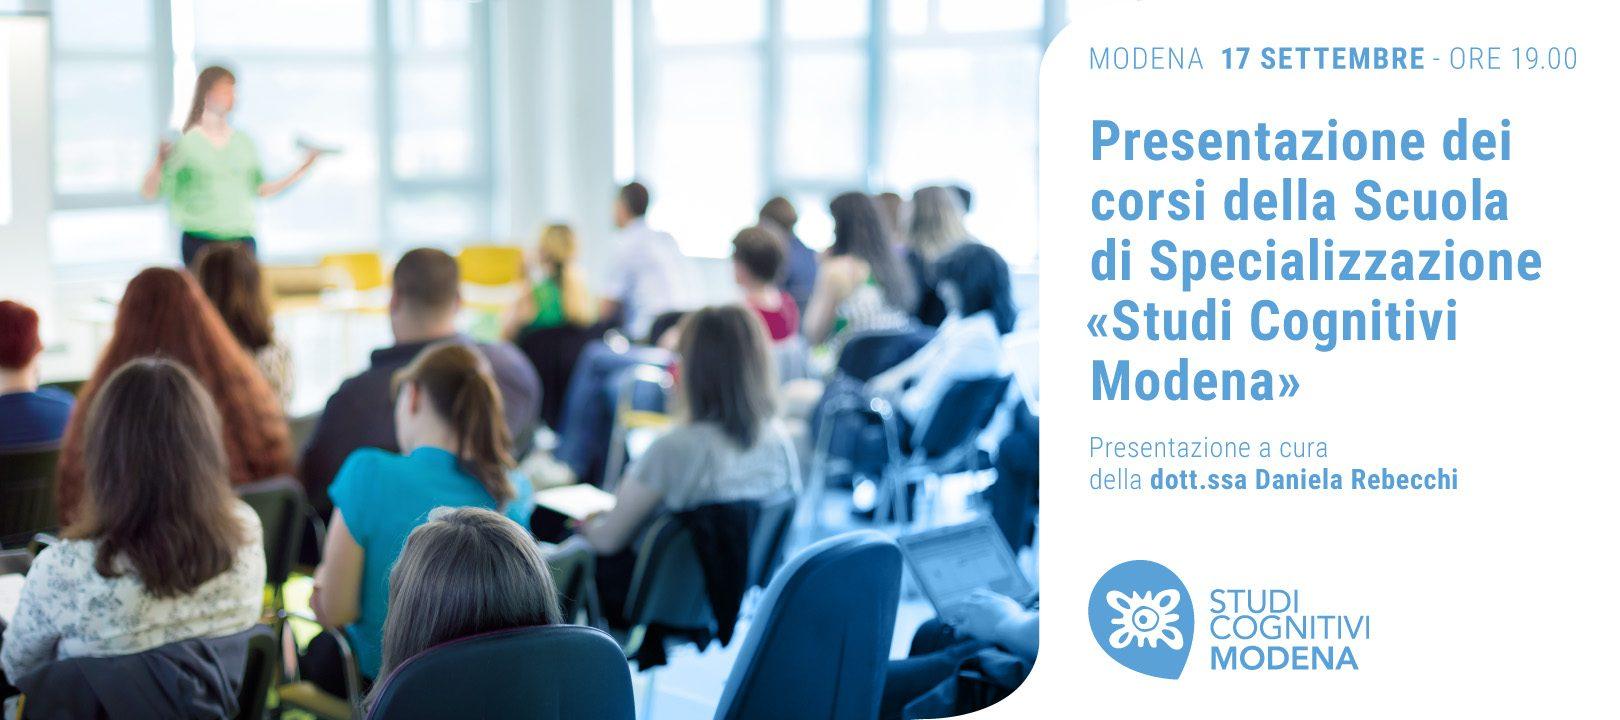 MODENA - 170919 - Presentazione Corsi - SC